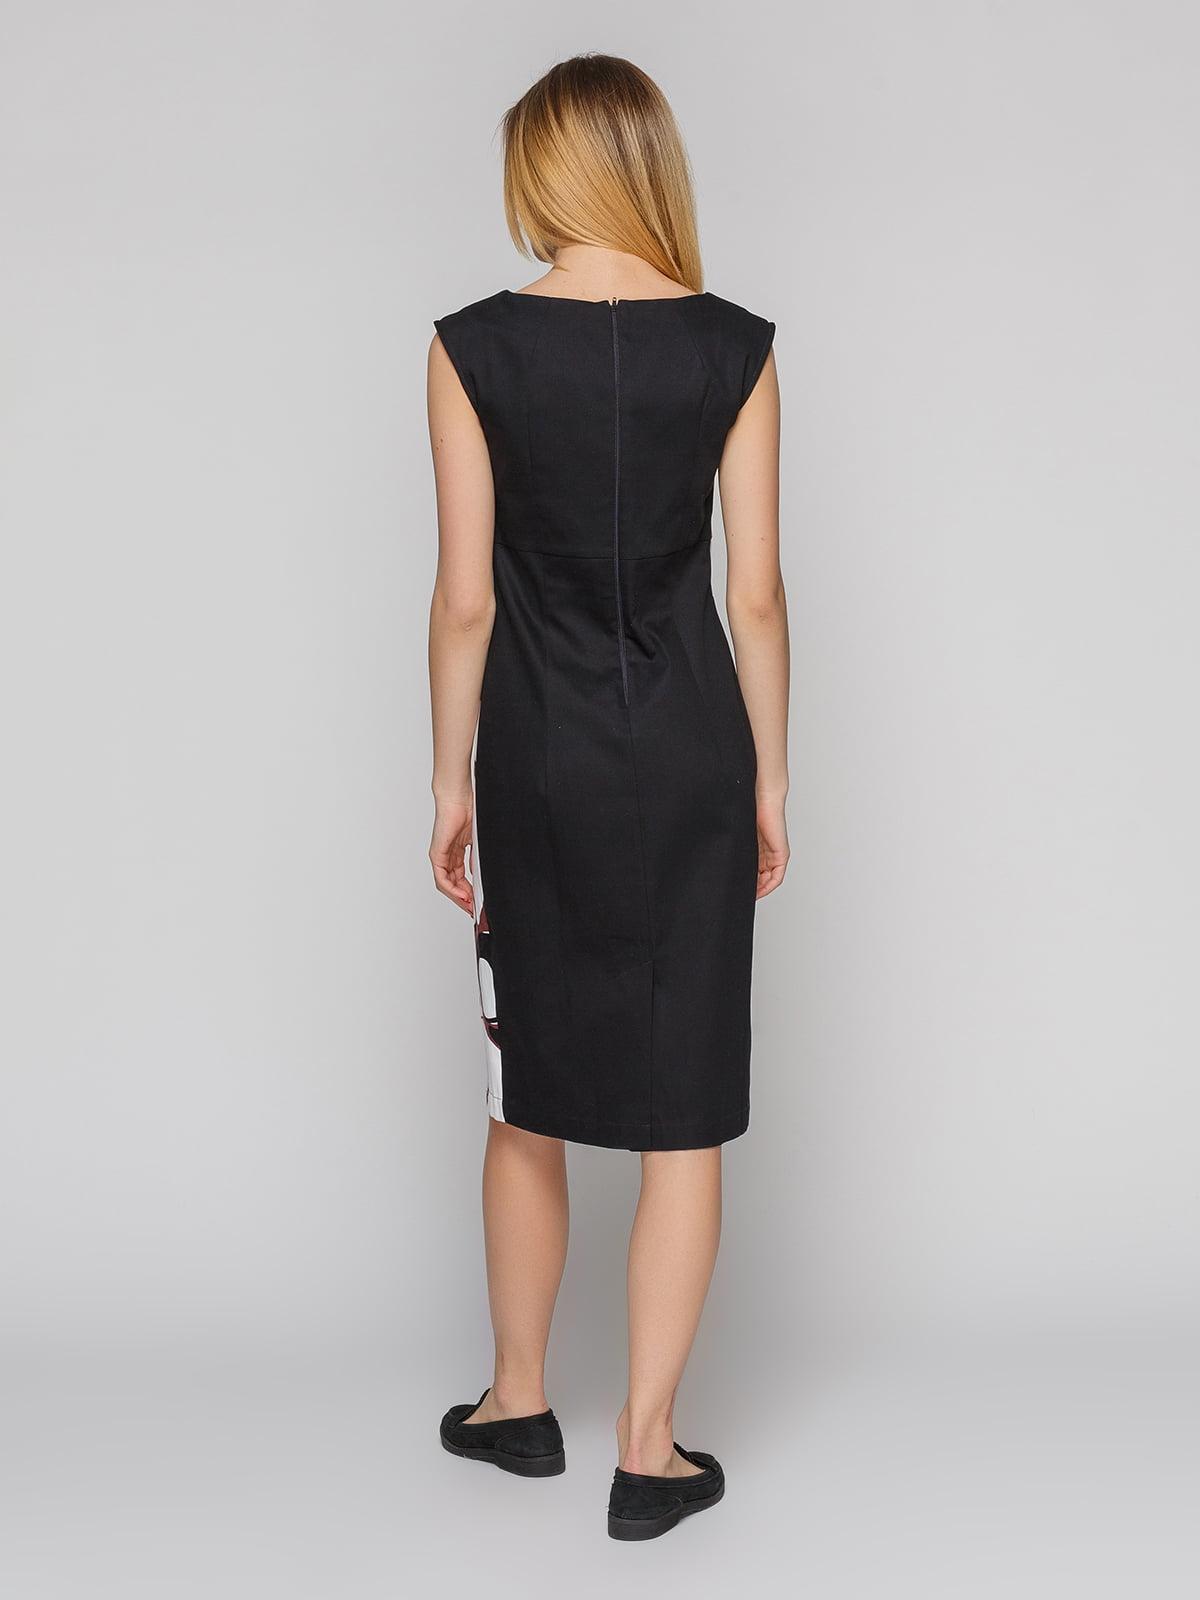 Платье абстрактной расцветки   4855345   фото 2